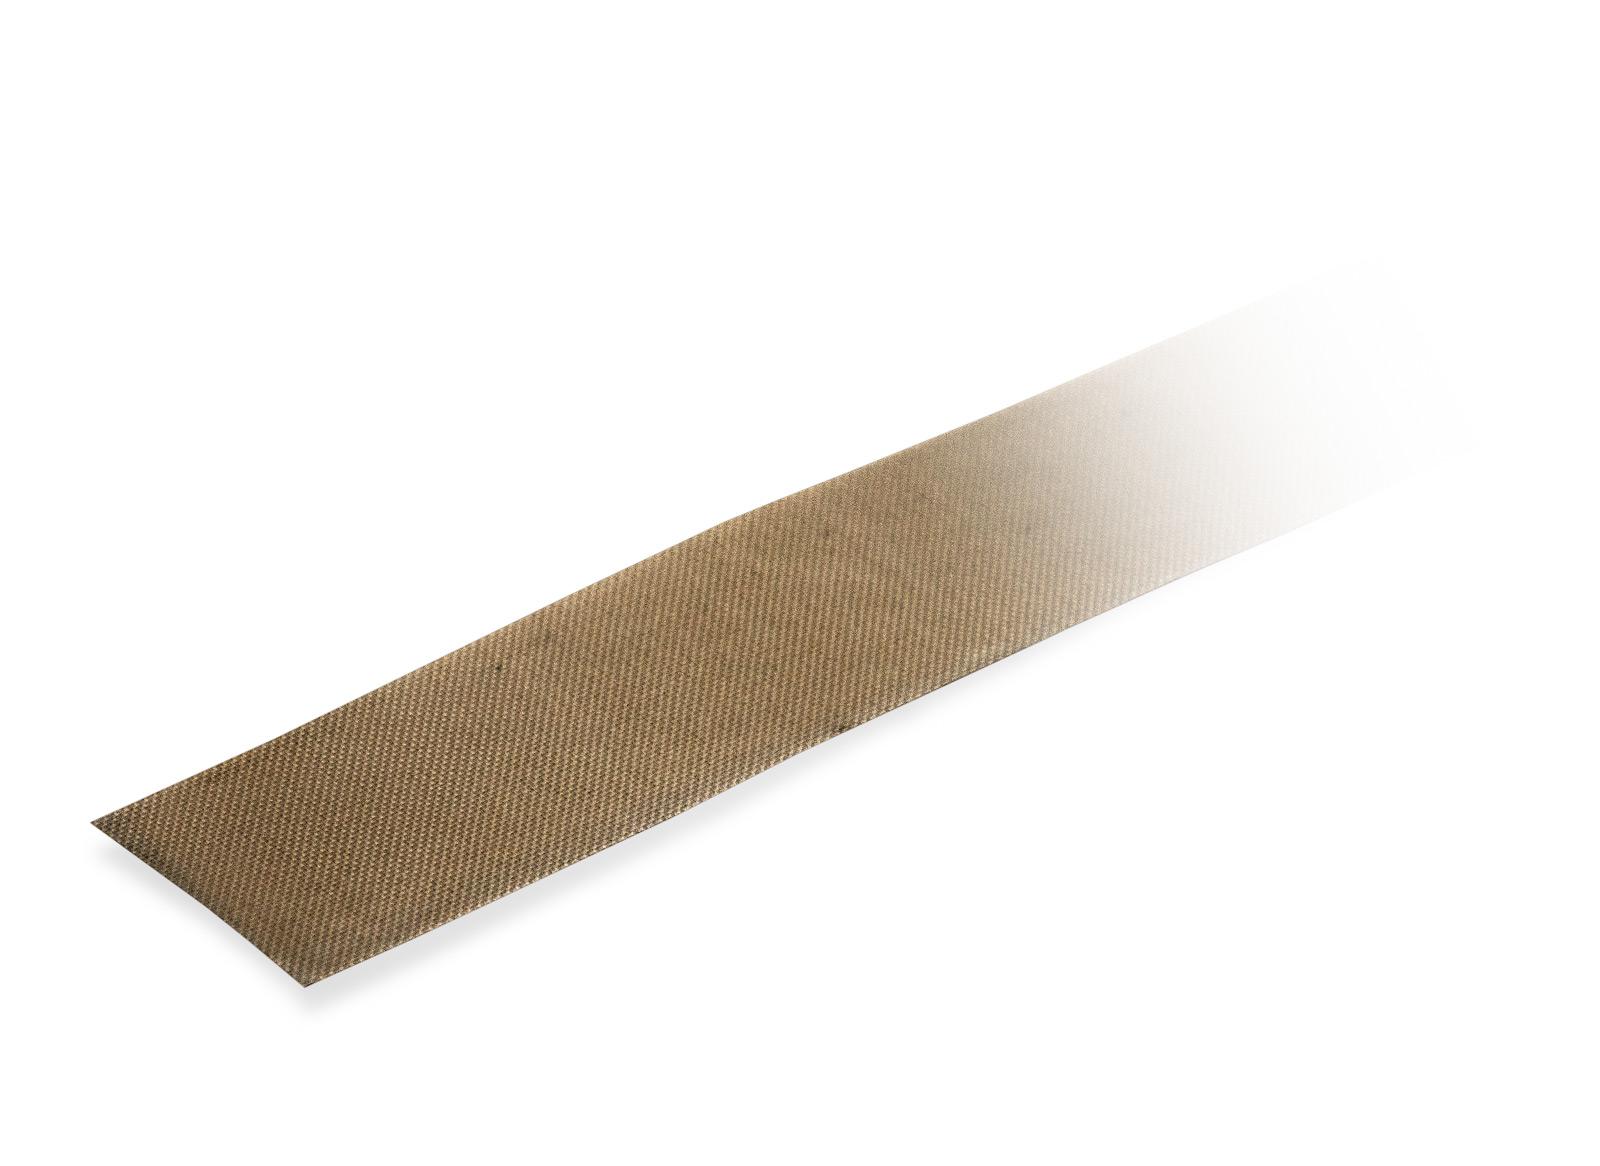 Tepluodolná páska teflonovaná pro svářečku fólií FRN-1000 100cm